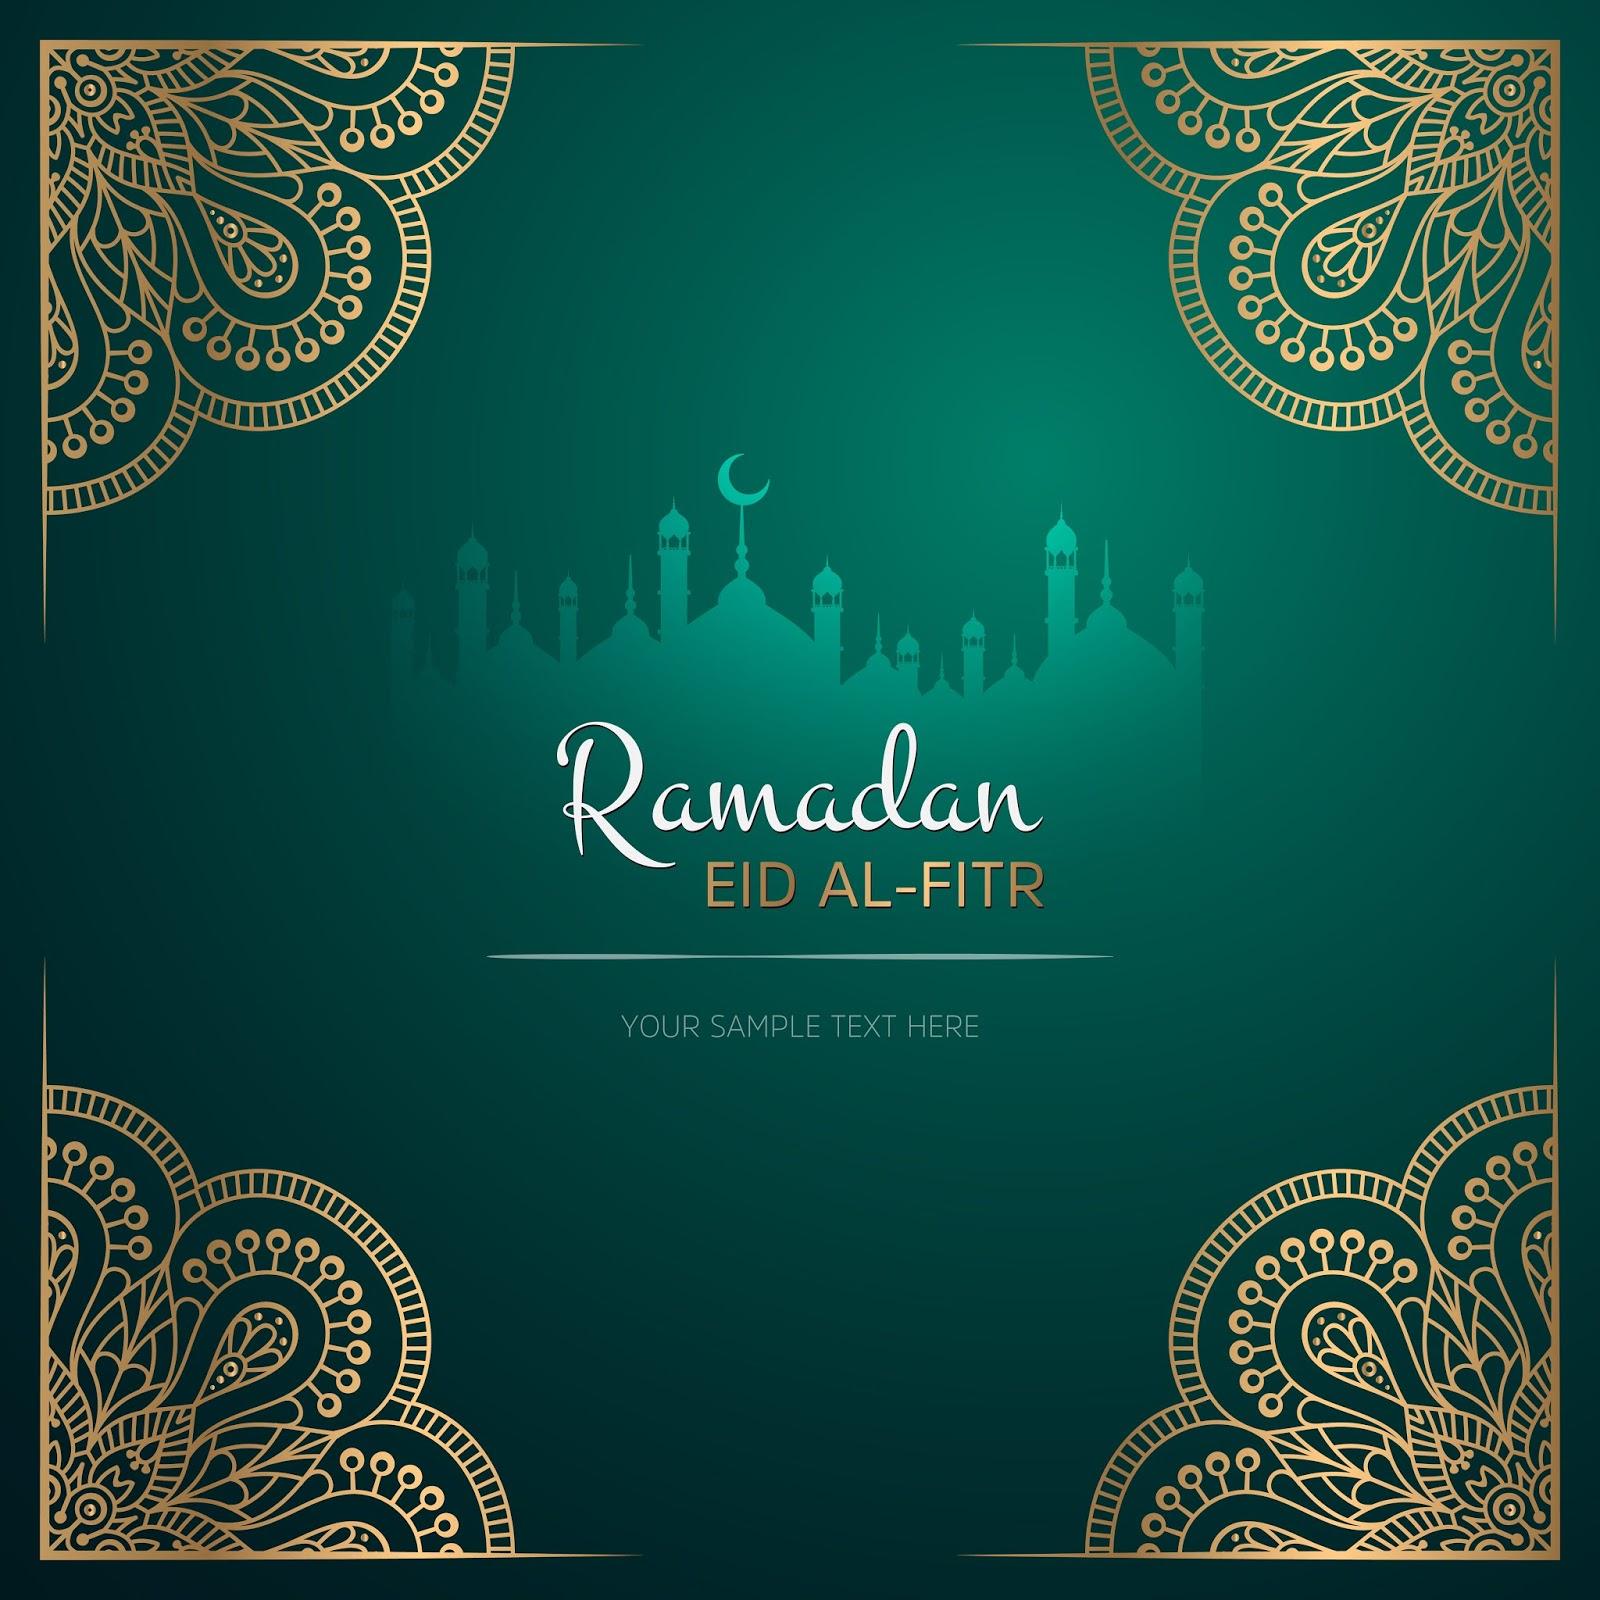 Ramadan-HD-Wallpaper-1